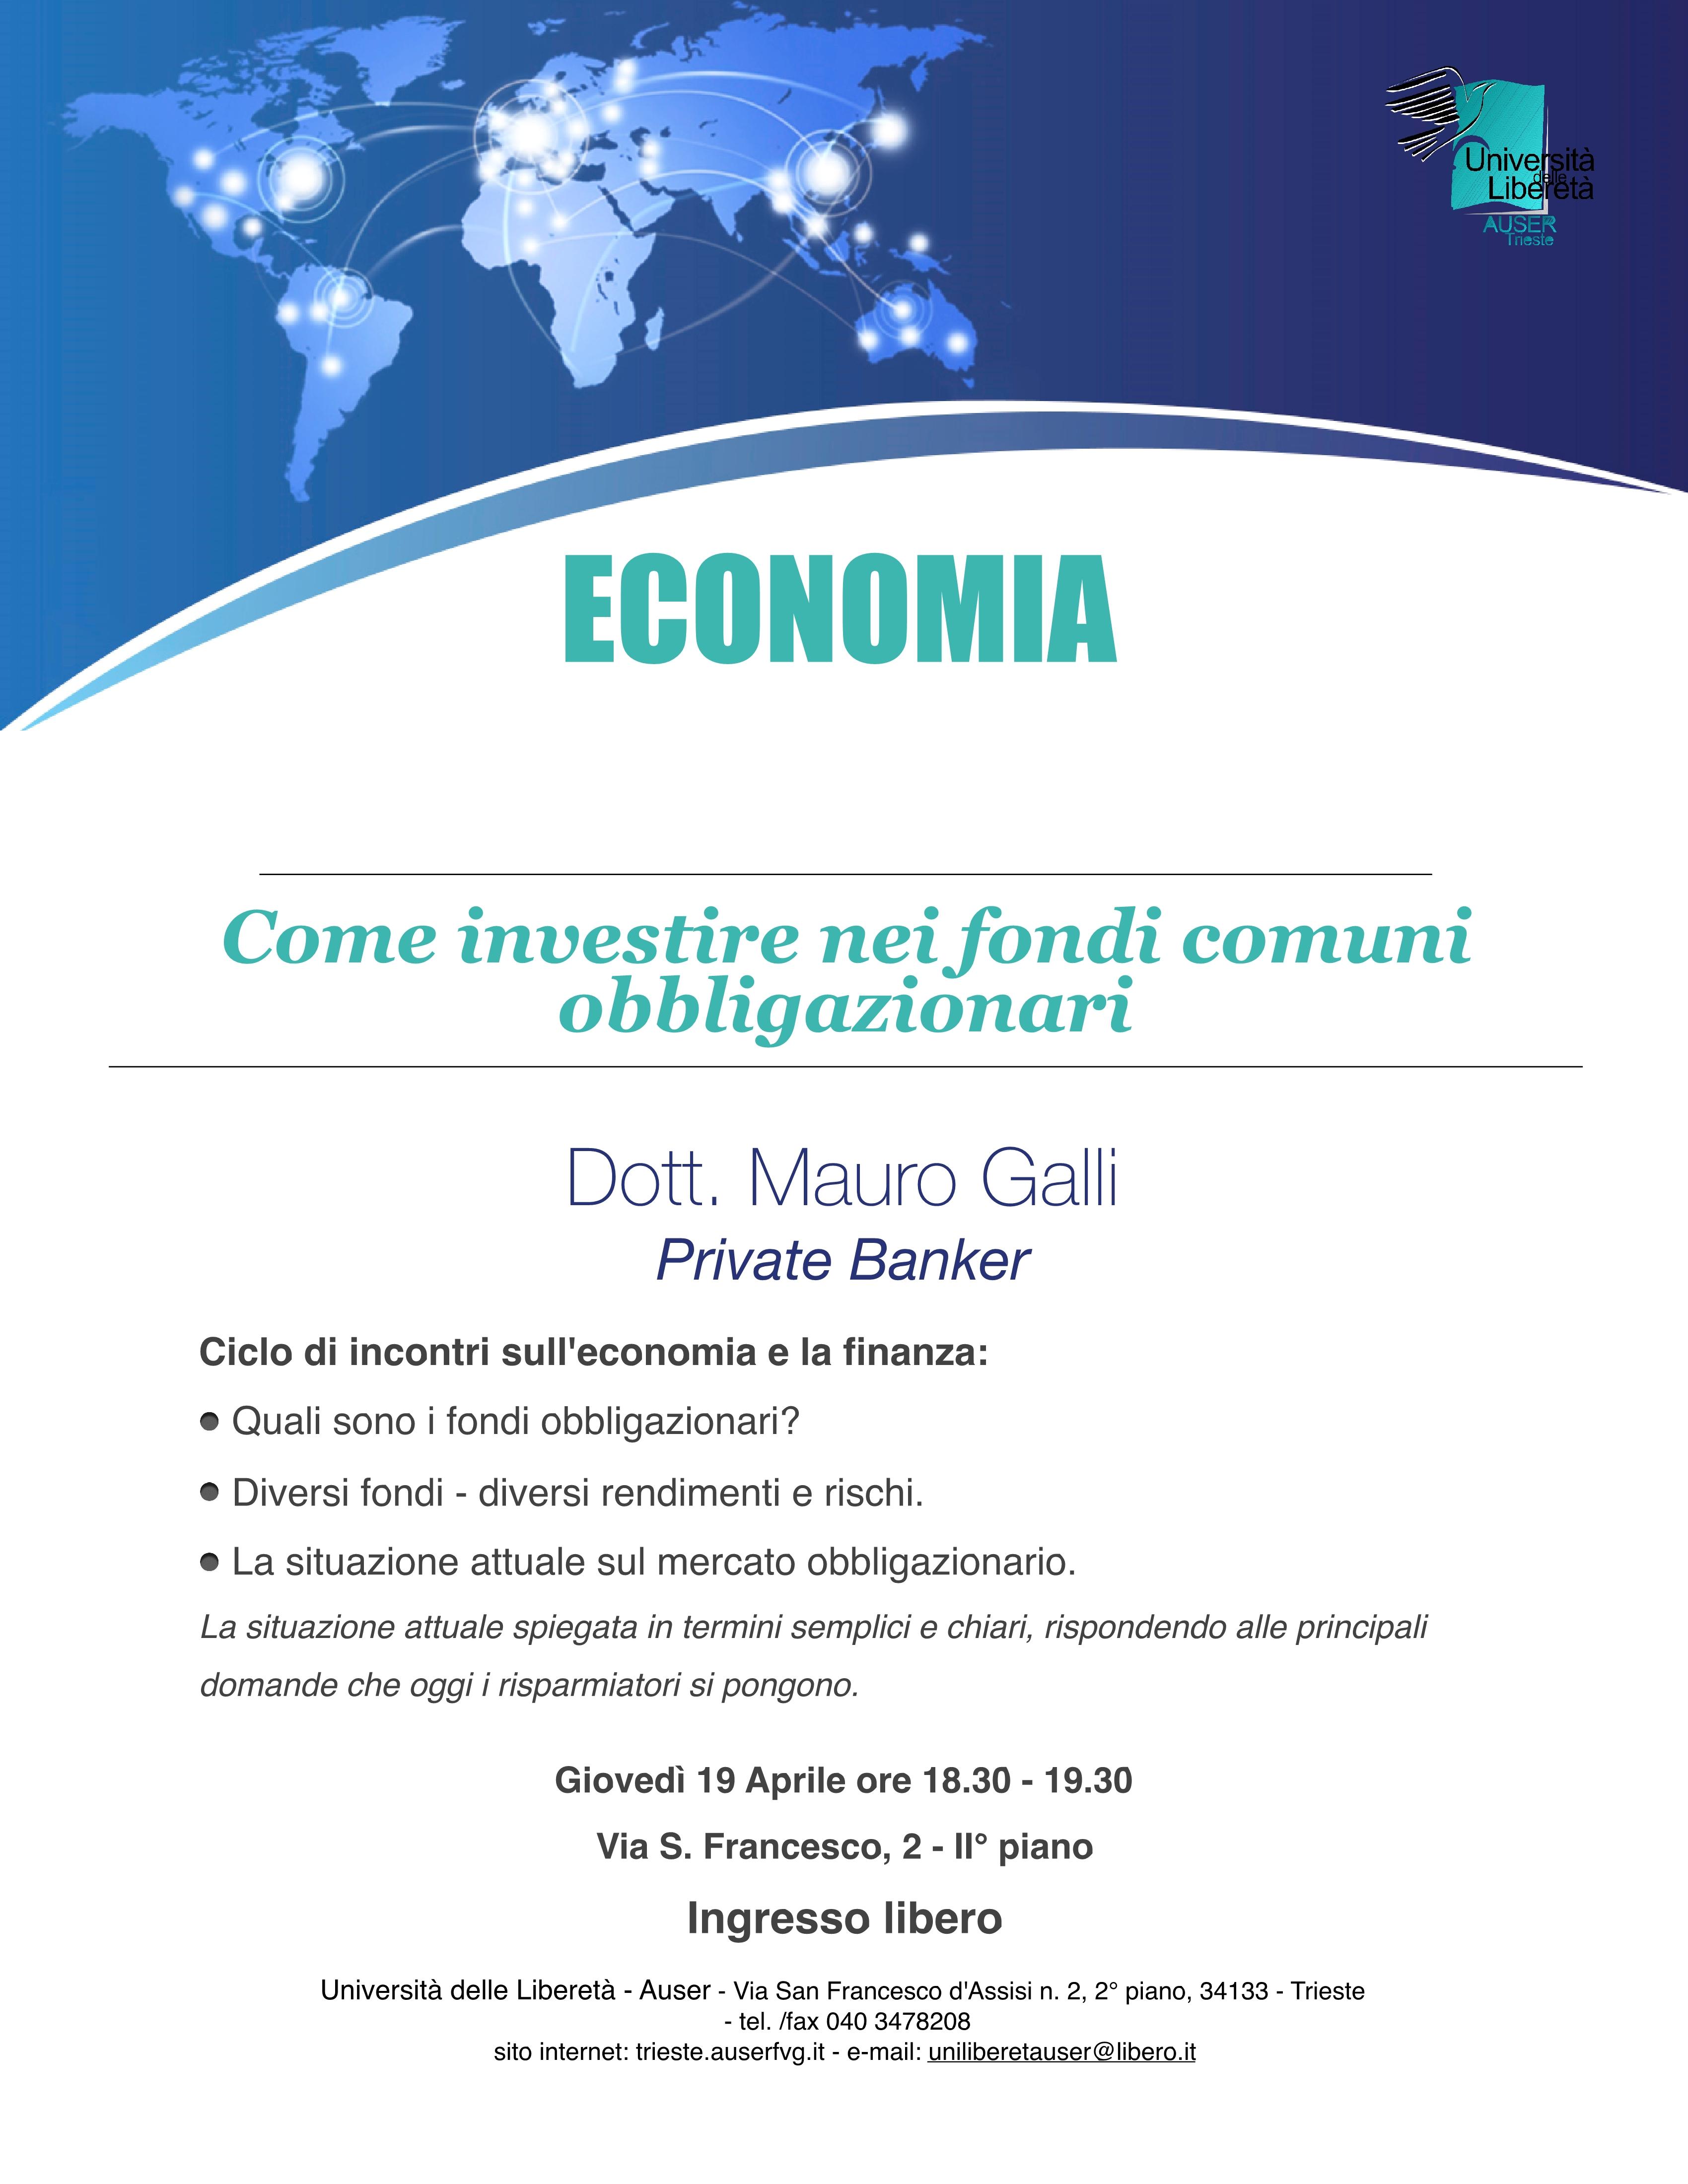 Economia e finanza 19 aprile 20181